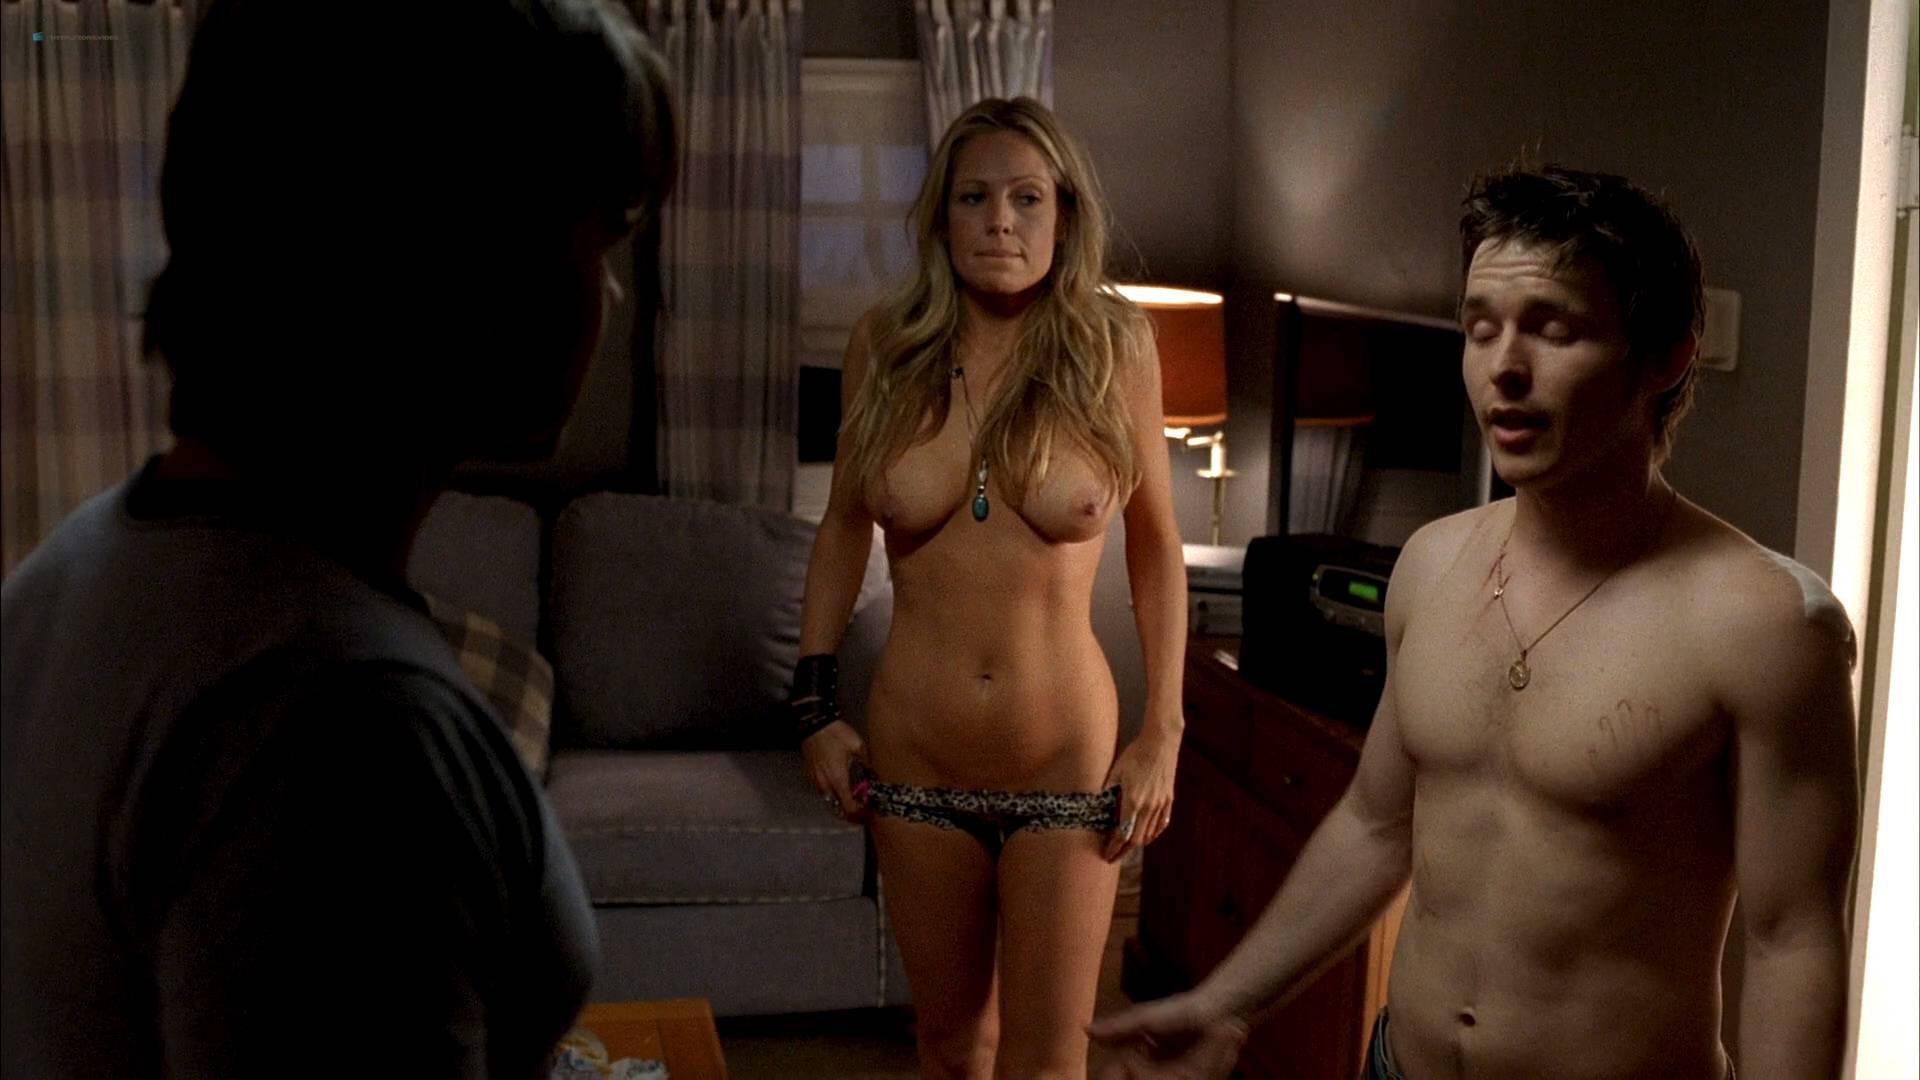 Camy model nude porn